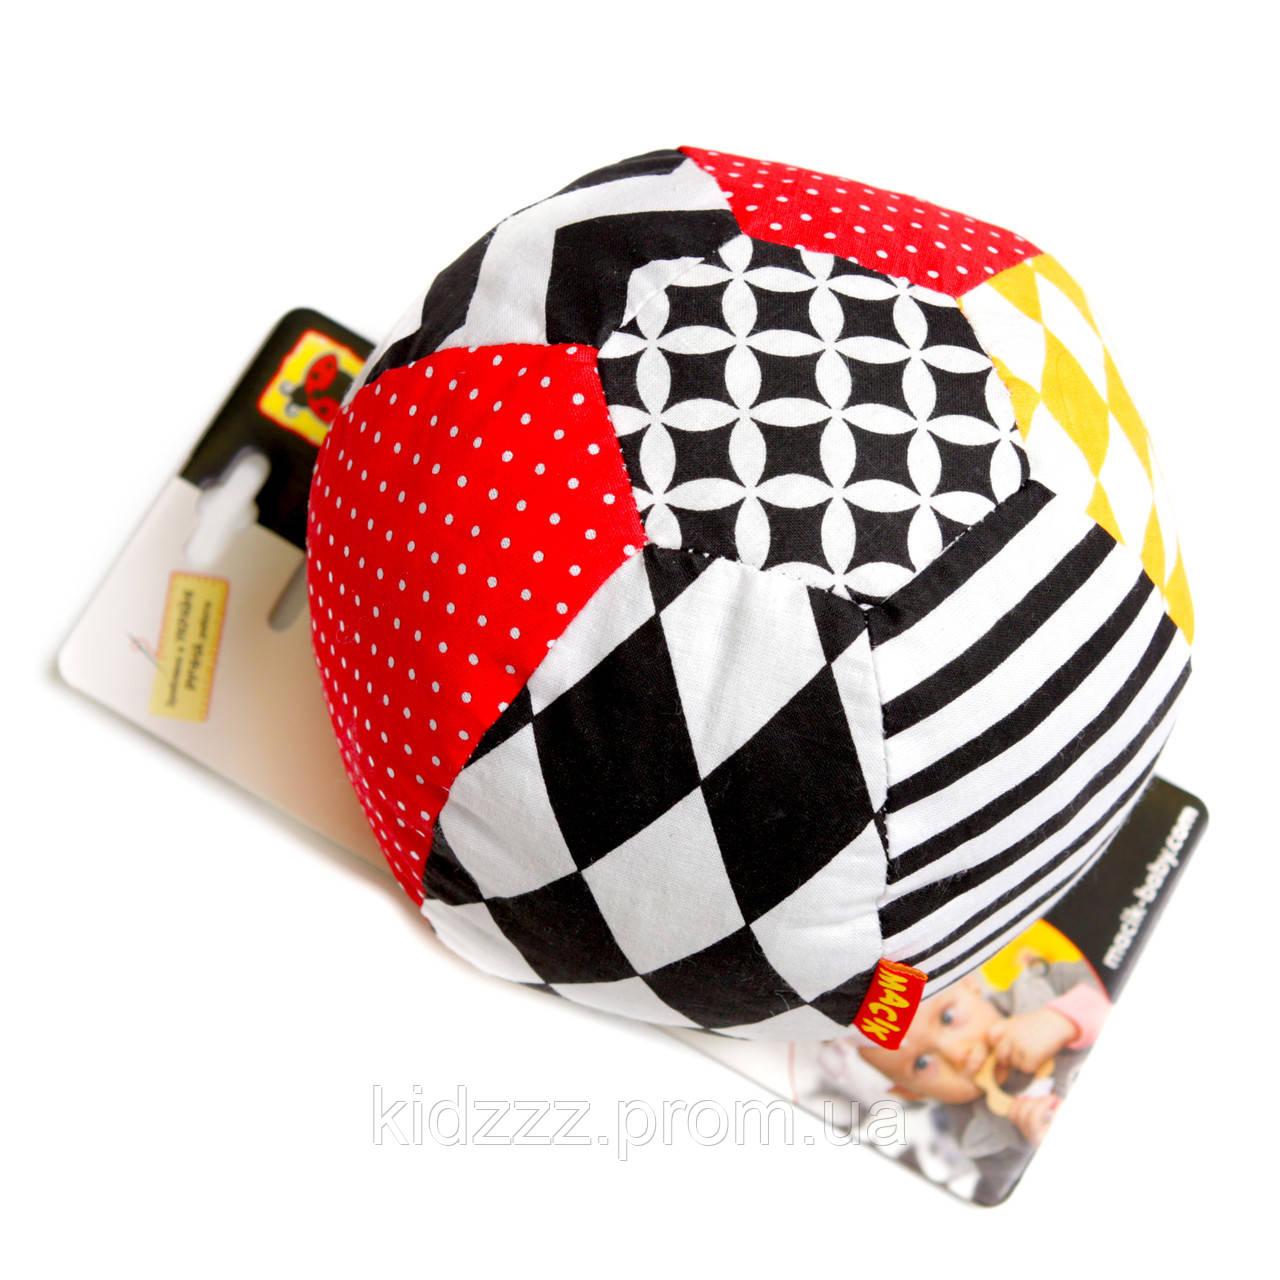 Мячик-погремушка B&W TM Macik